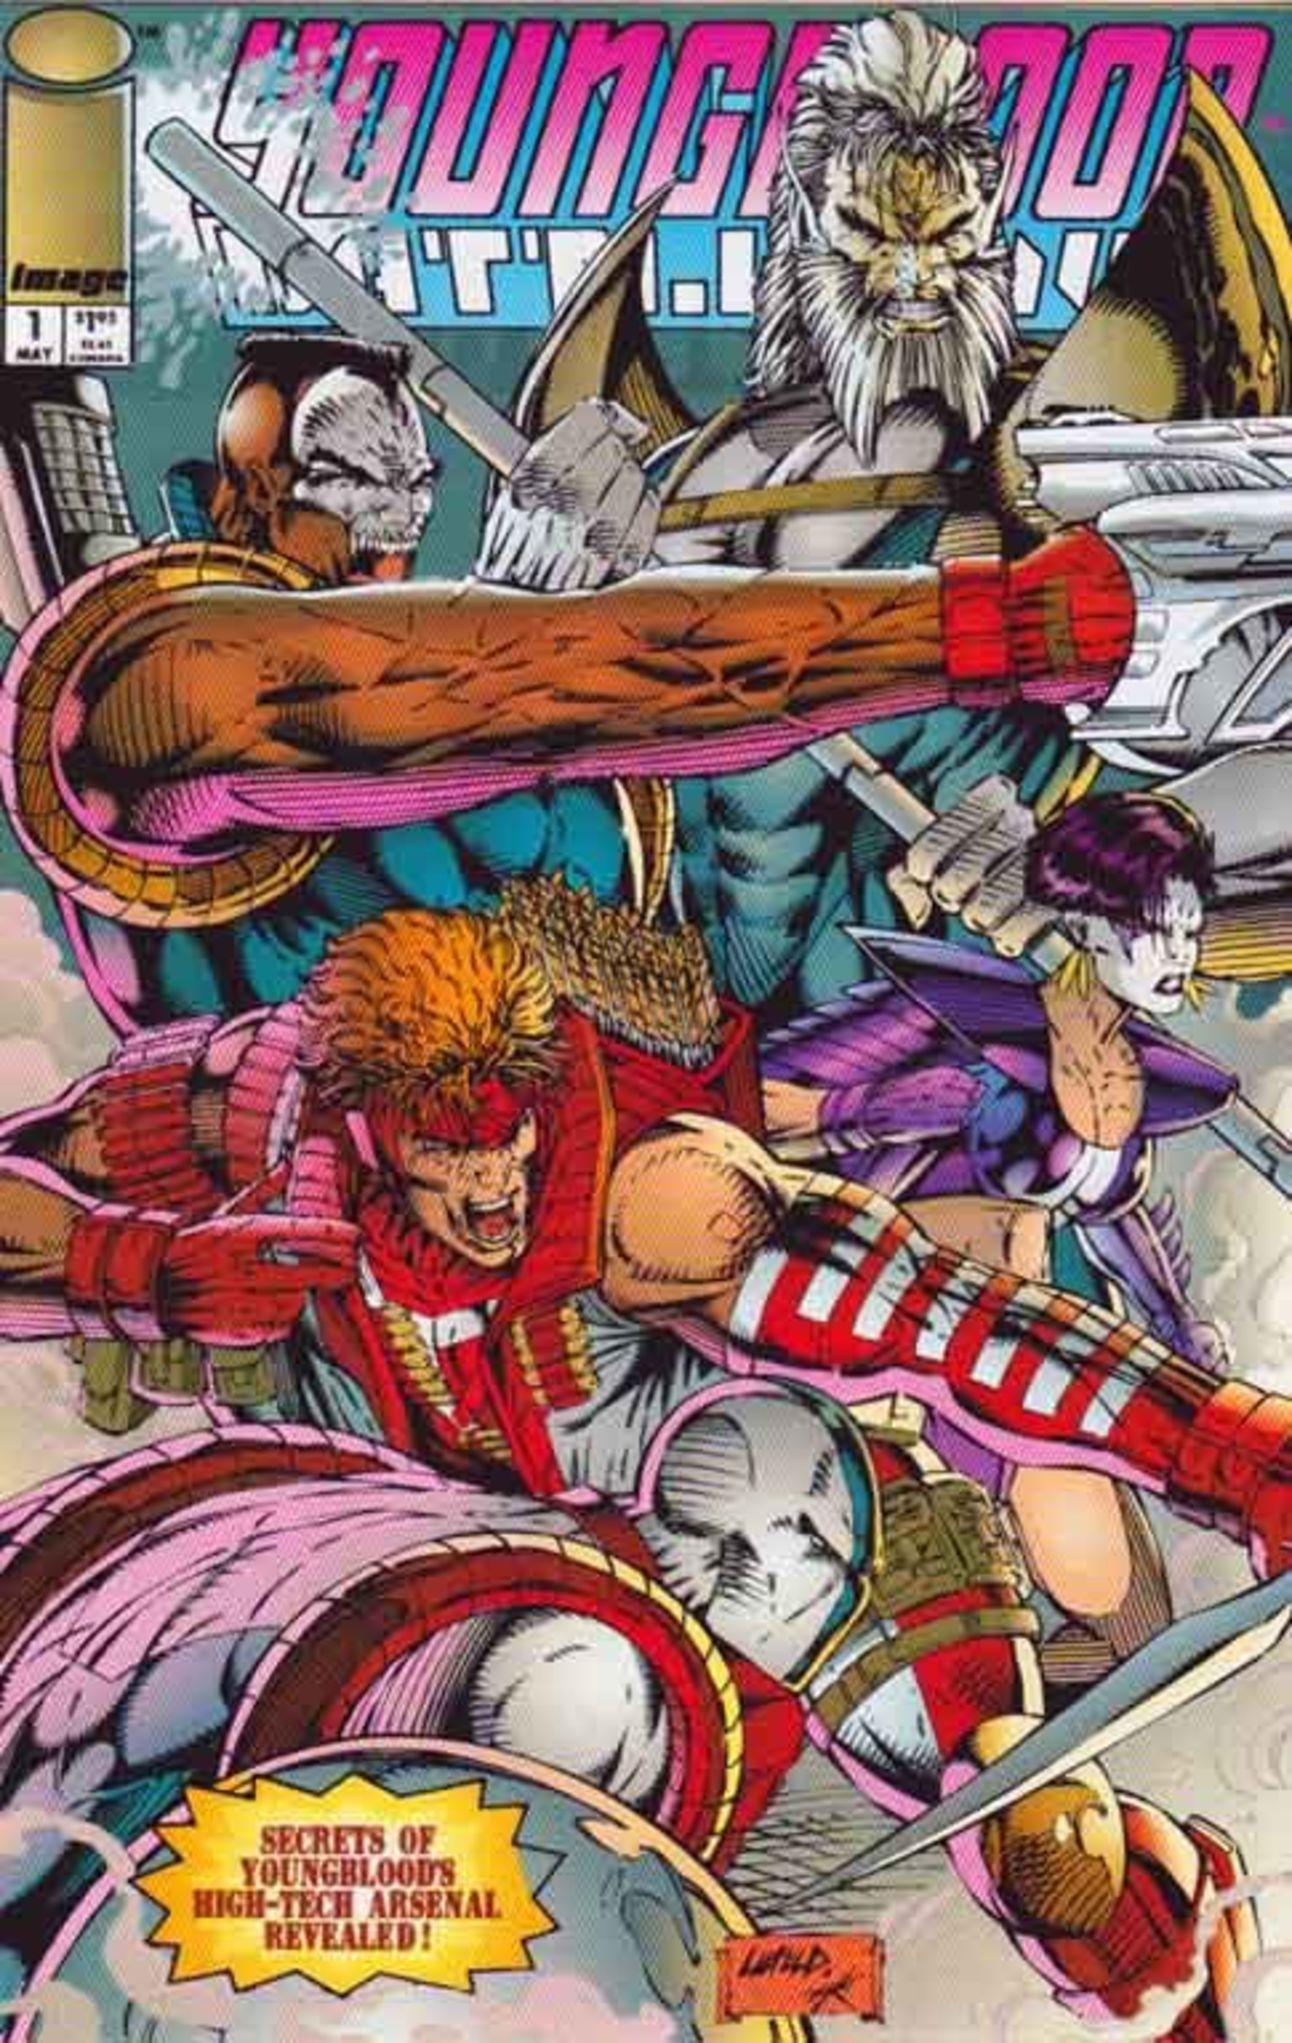 81ced27740f79d78b9d945a445e15999--rob-liefeld-image-comics.jpg